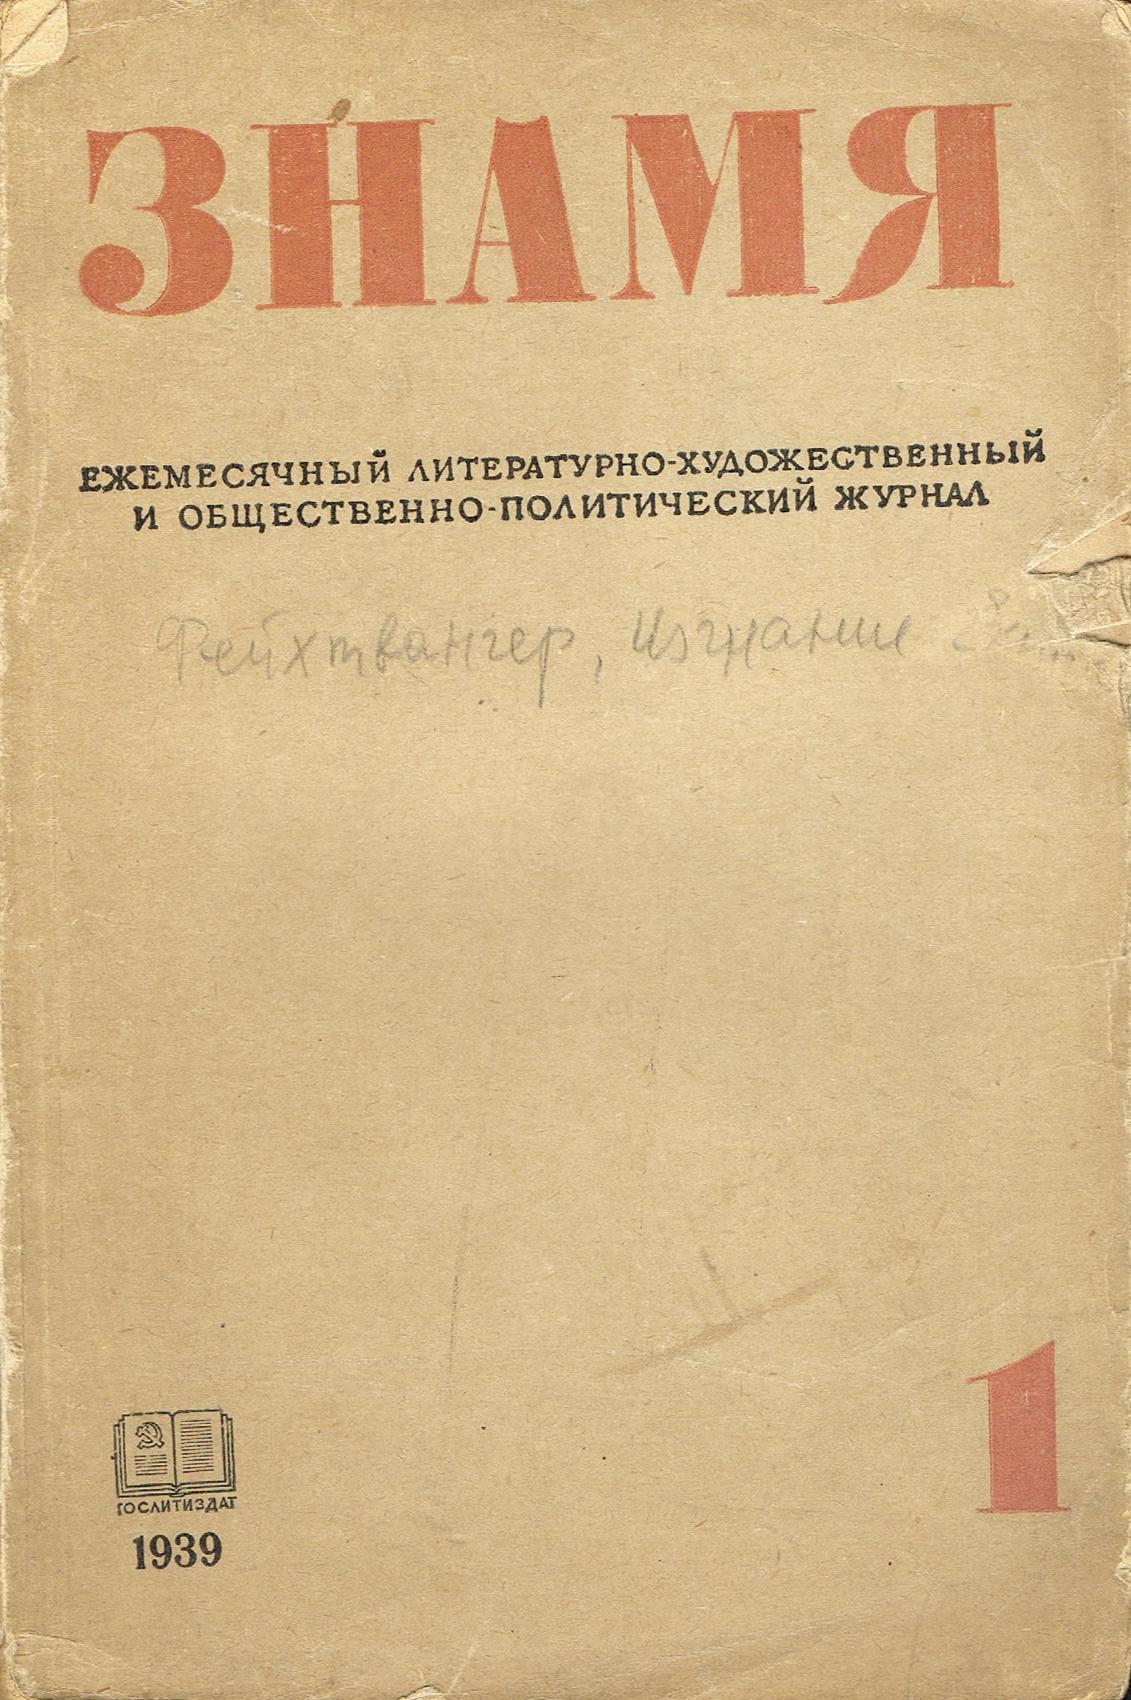 Журнал Знамя. № 1, 1939 купюра государственный денежный знак 25 рублей ссср 1923 год первый выпуск